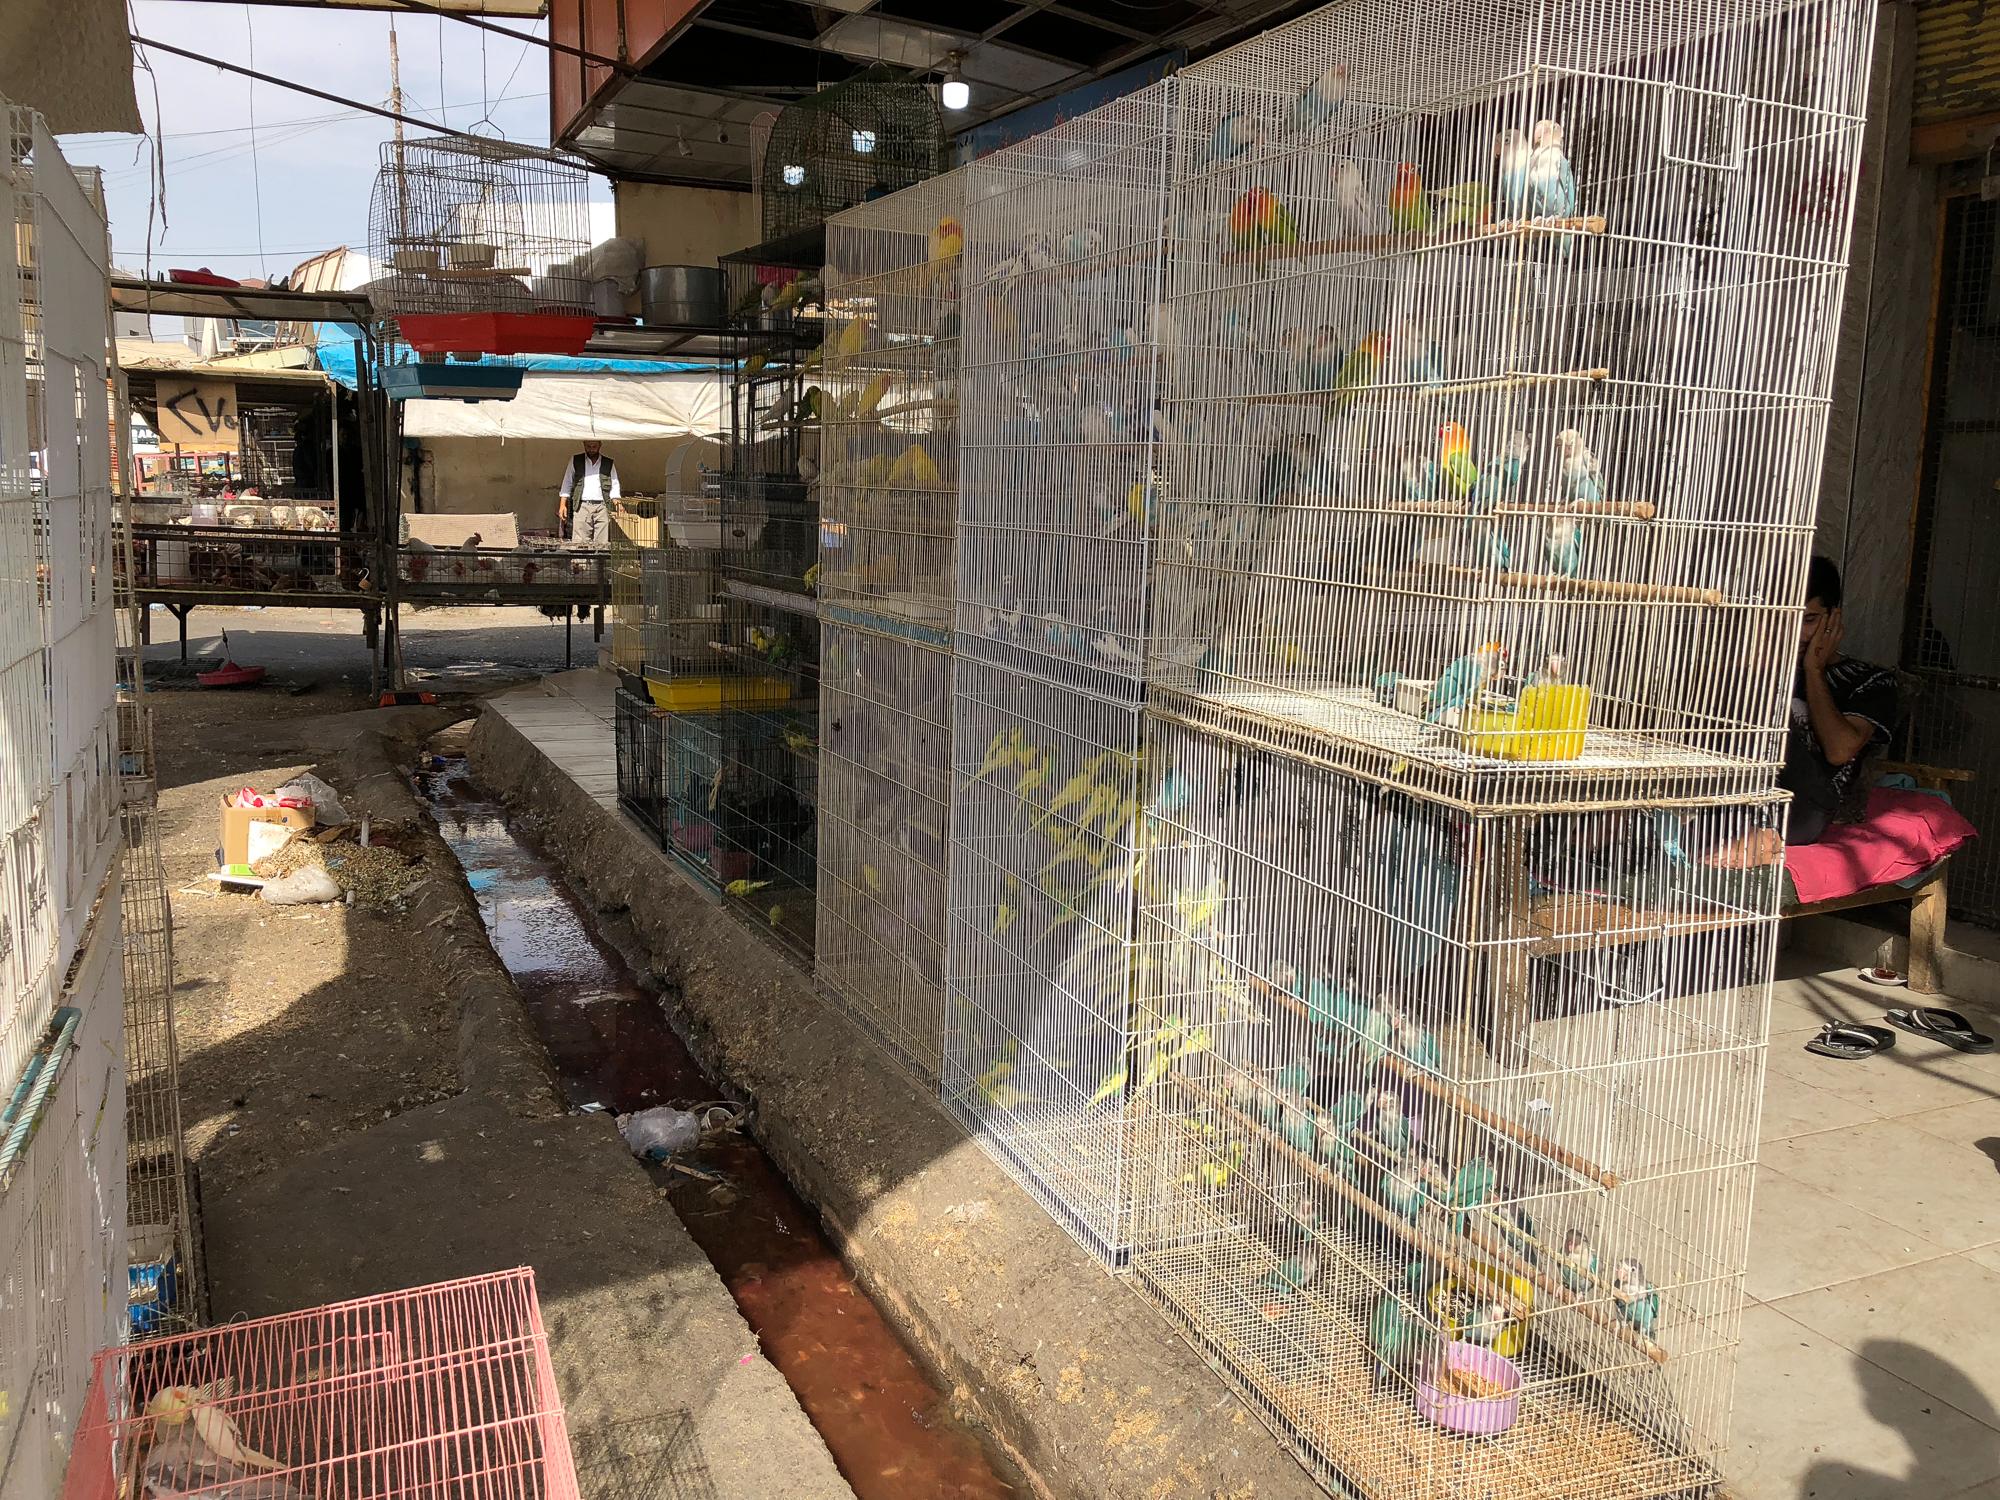 The bird bazaar in Erbil